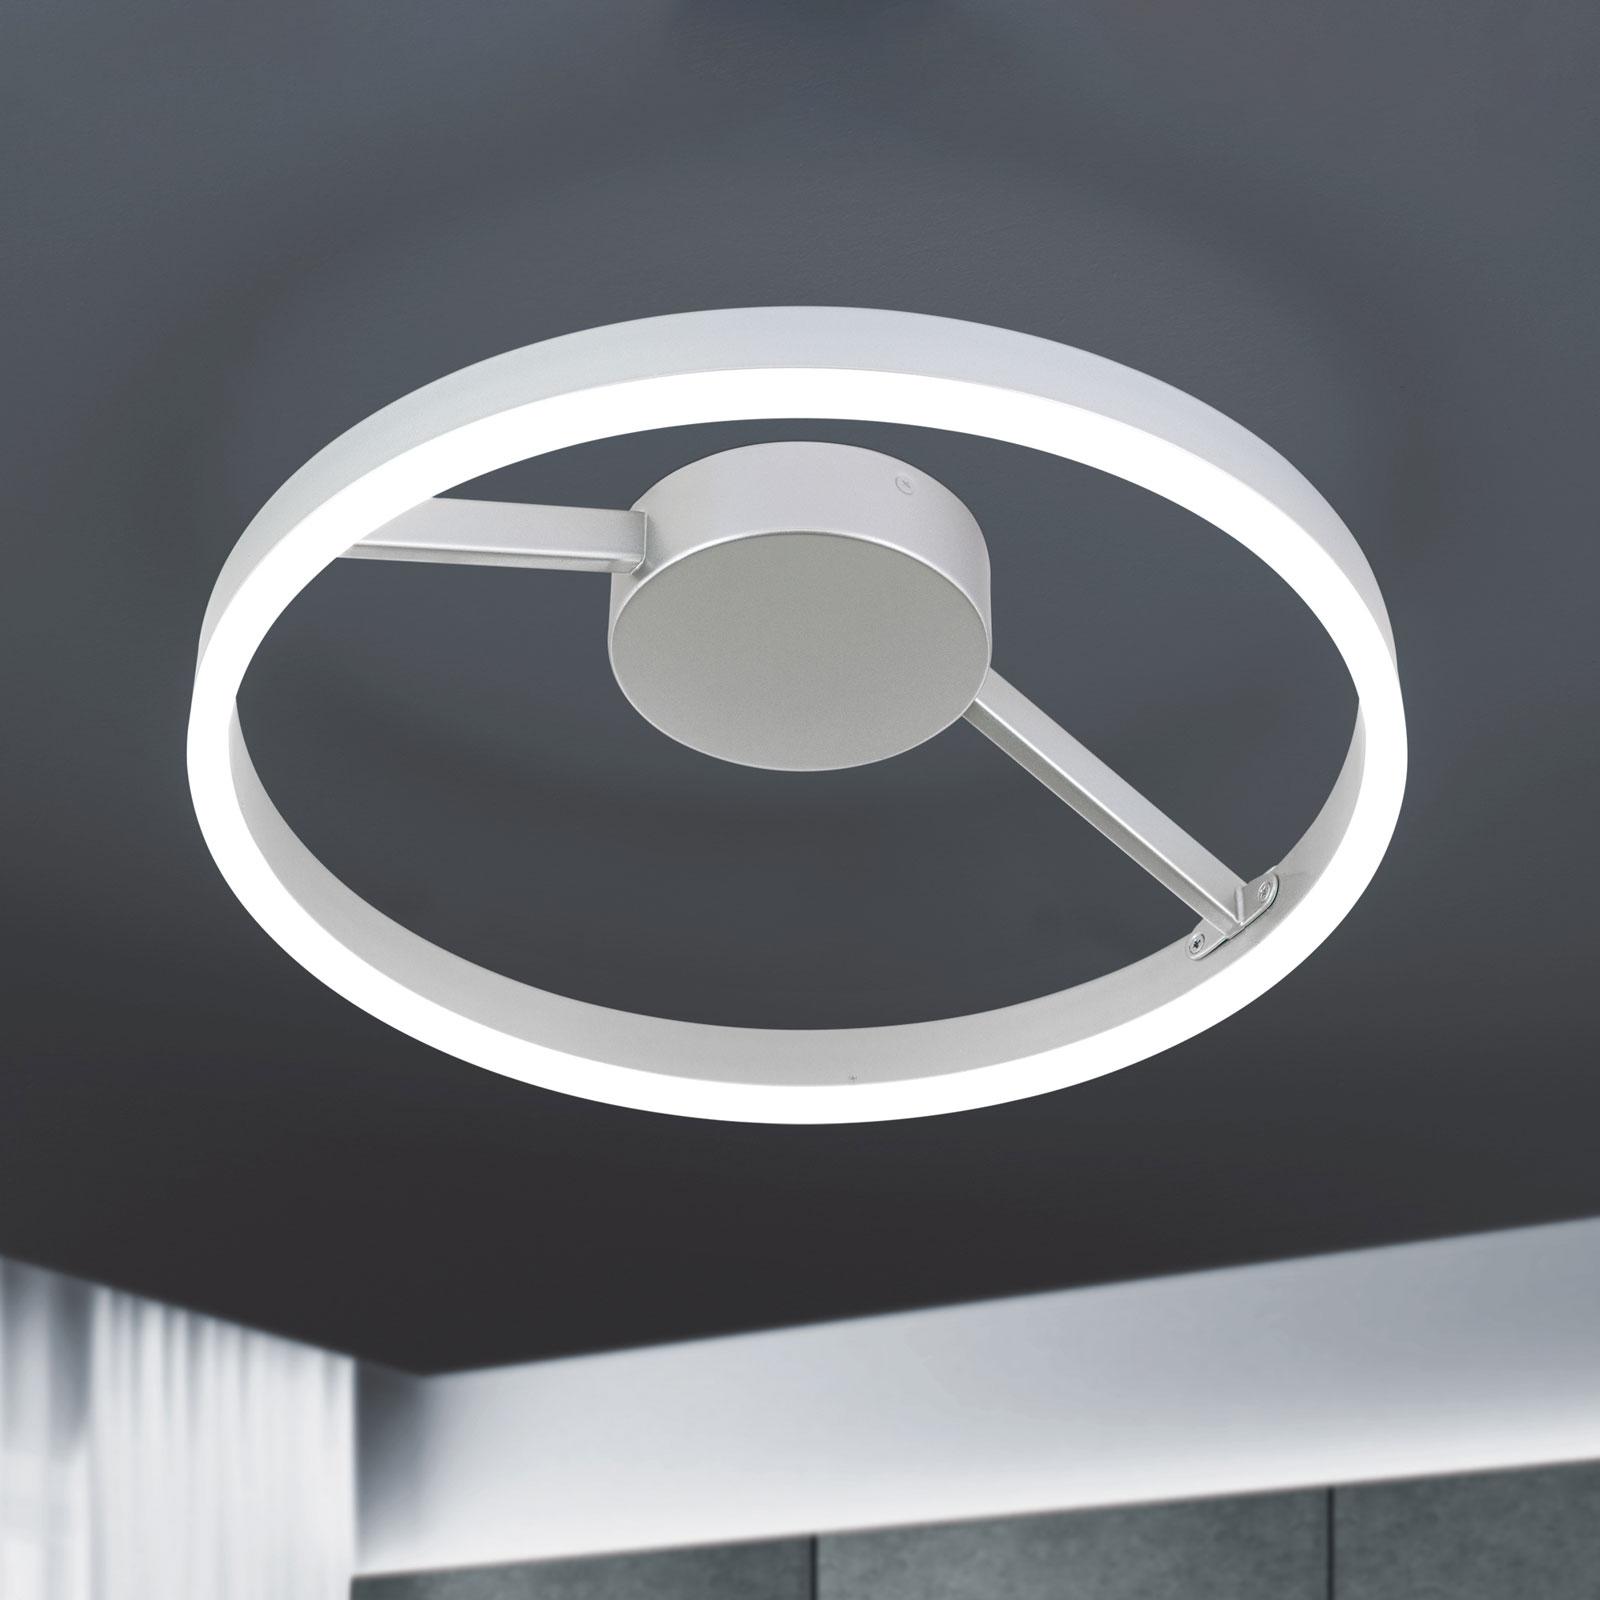 LED-taklampe Robert, Ø 40 cm